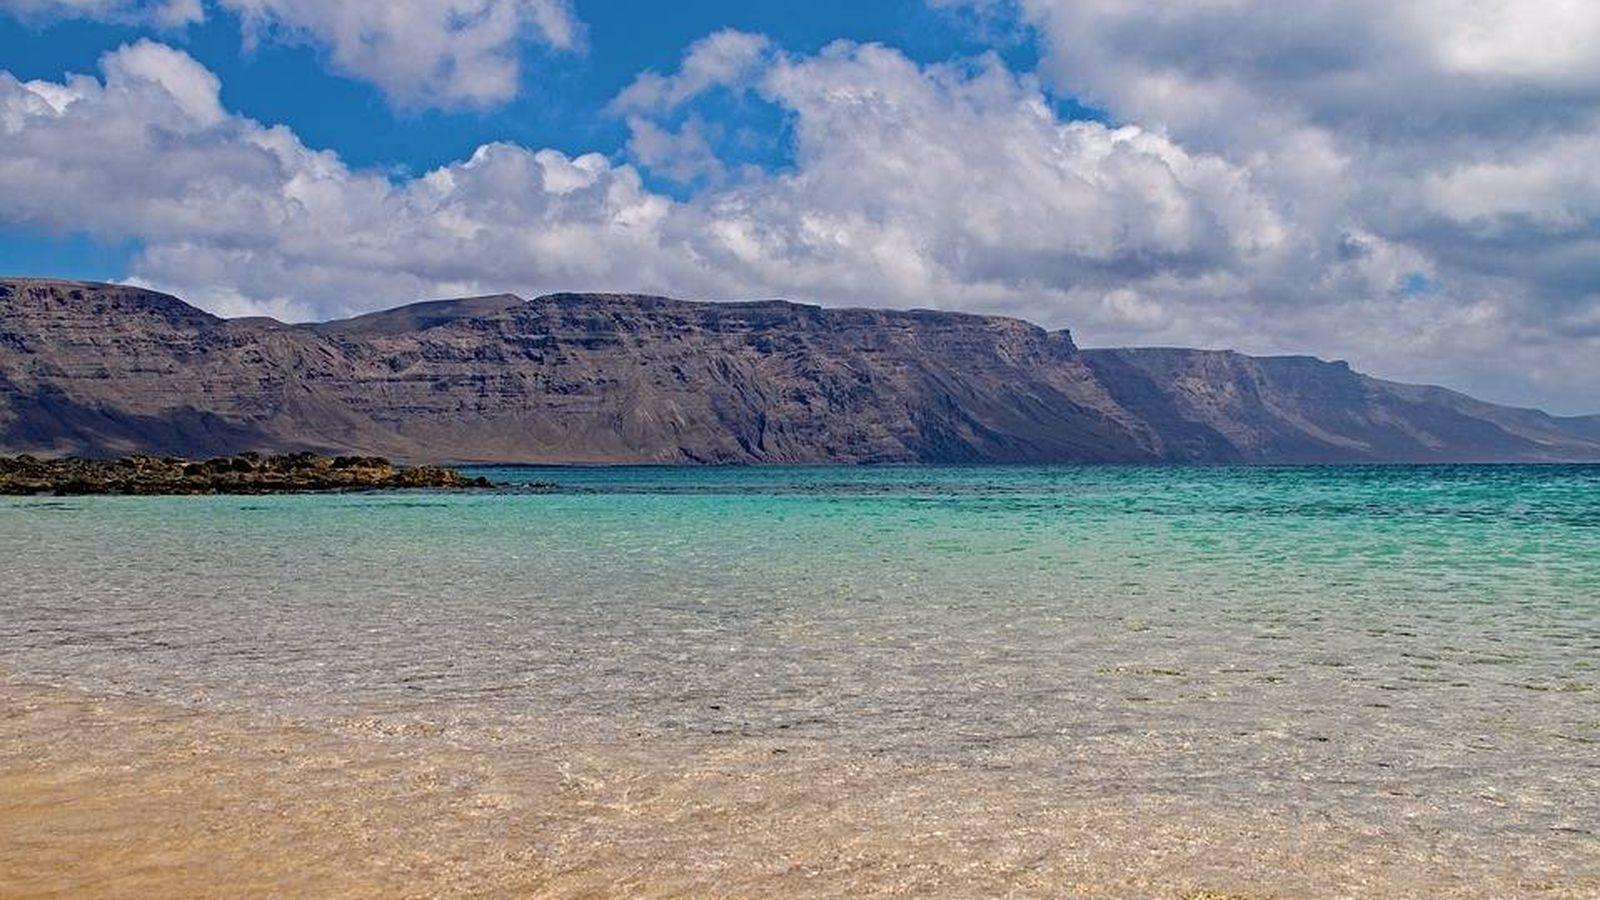 Foto: Panorámica de la playa francesca, situada en la isla de La Graciosa   Pixabay